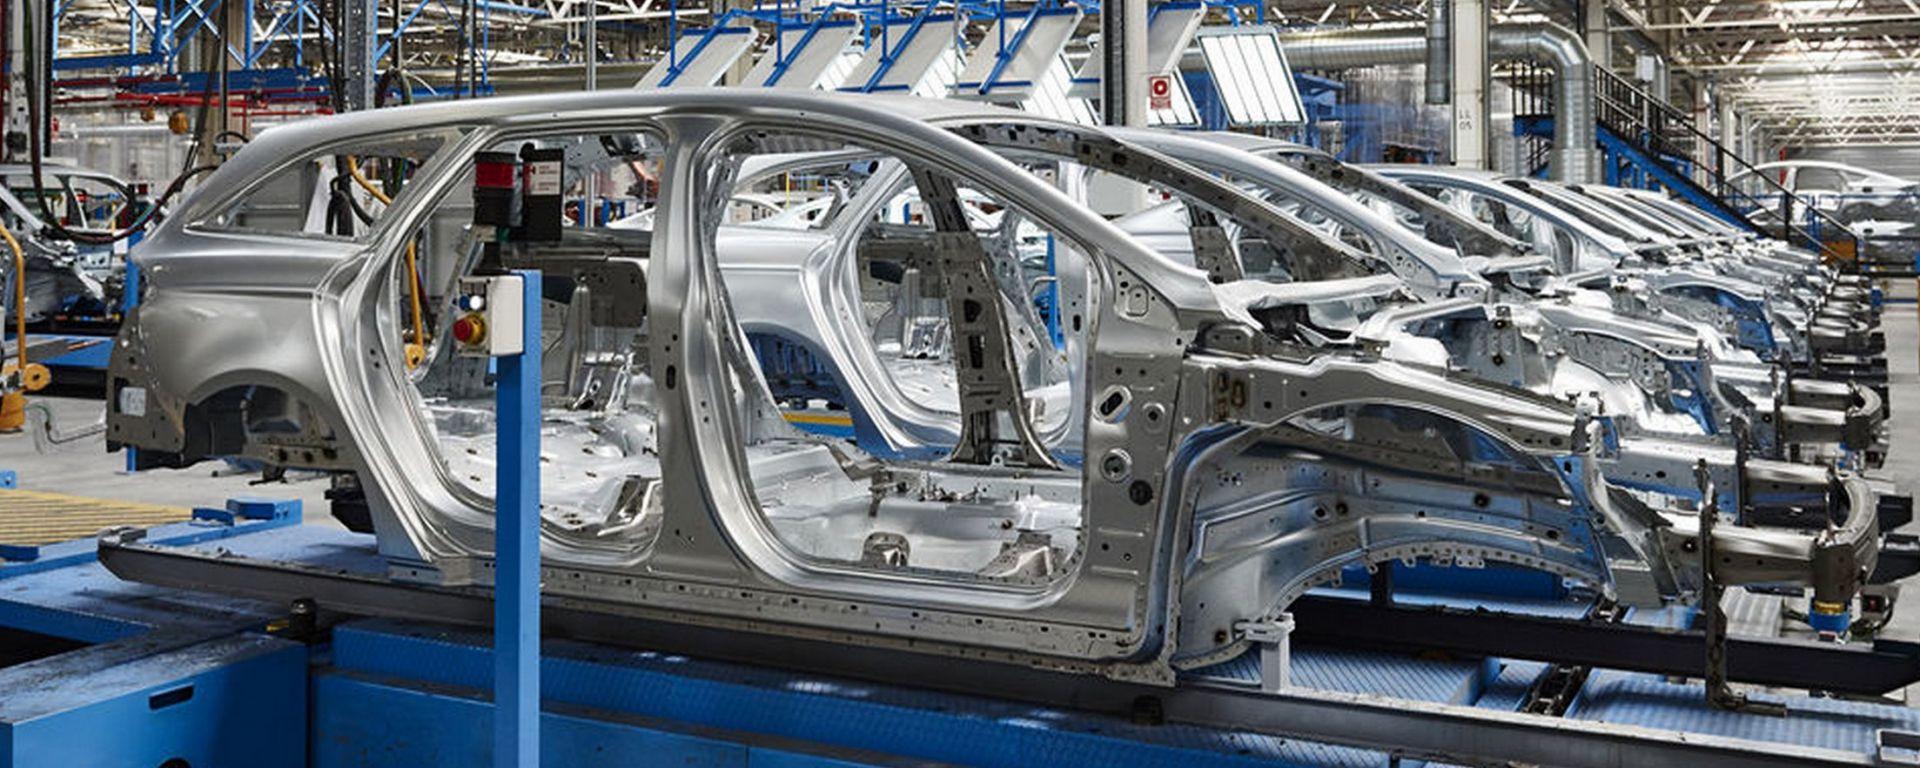 Ford svela il segreto della verniciatura perfetta